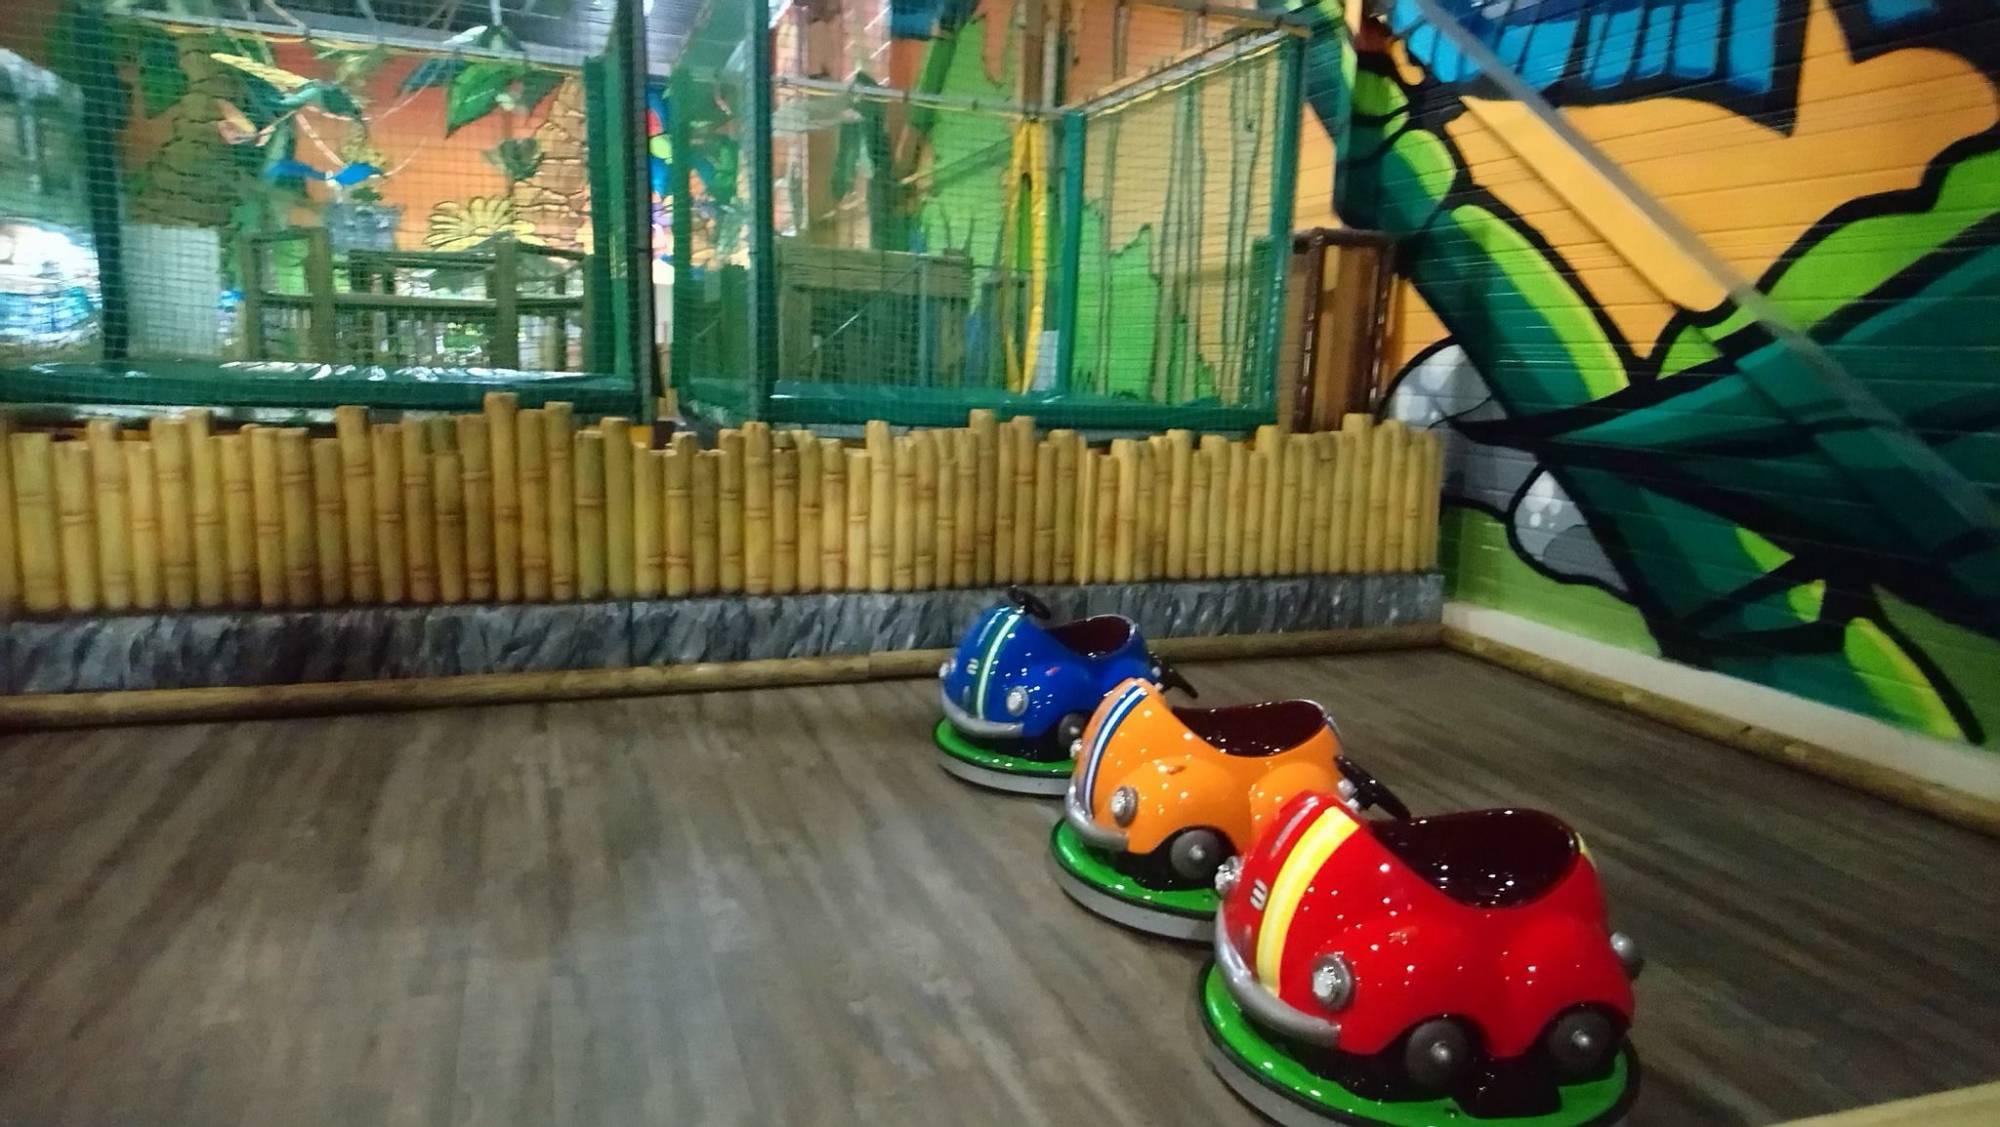 Parc De Jeux Pour Enfants Marseille - Montopoto avec Jeux De Voiture Pour Petit